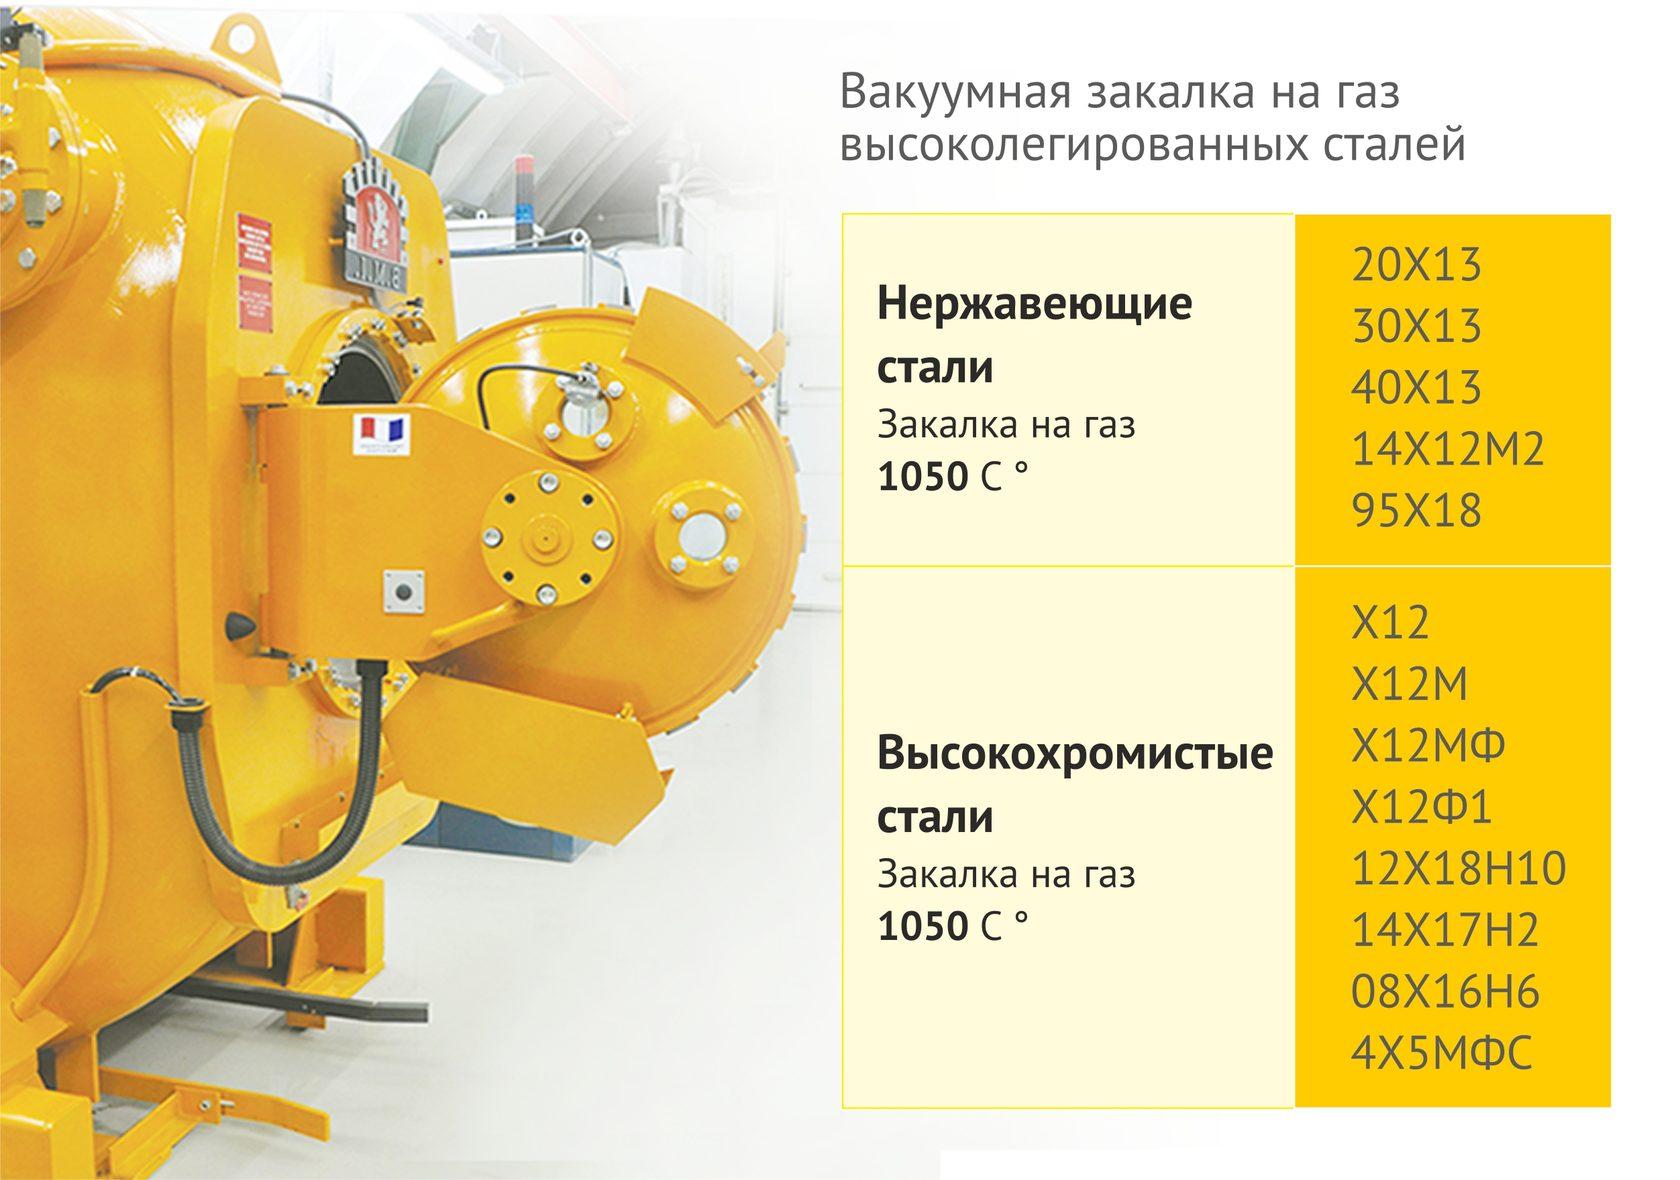 Вакуумная термообработка высоколегированных сталей